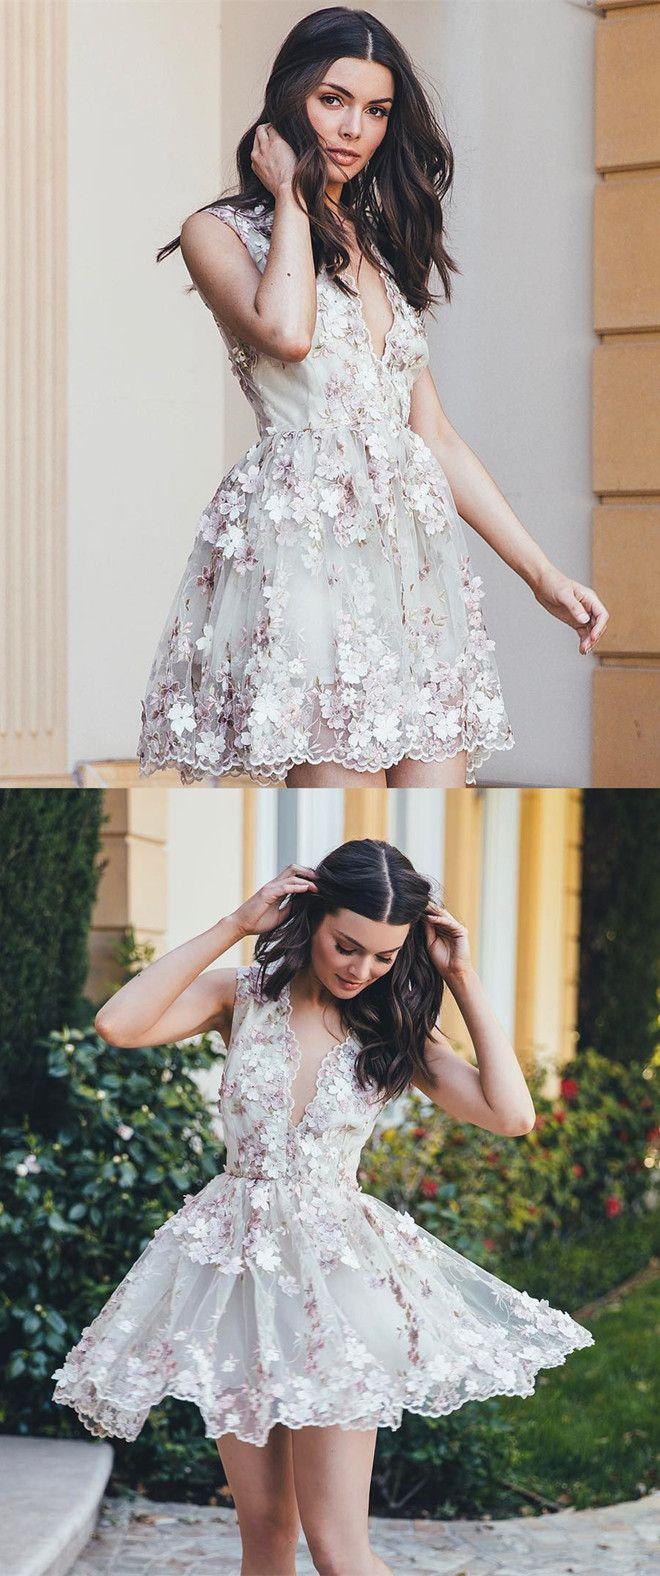 best applique images on pinterest classy dress cute dresses